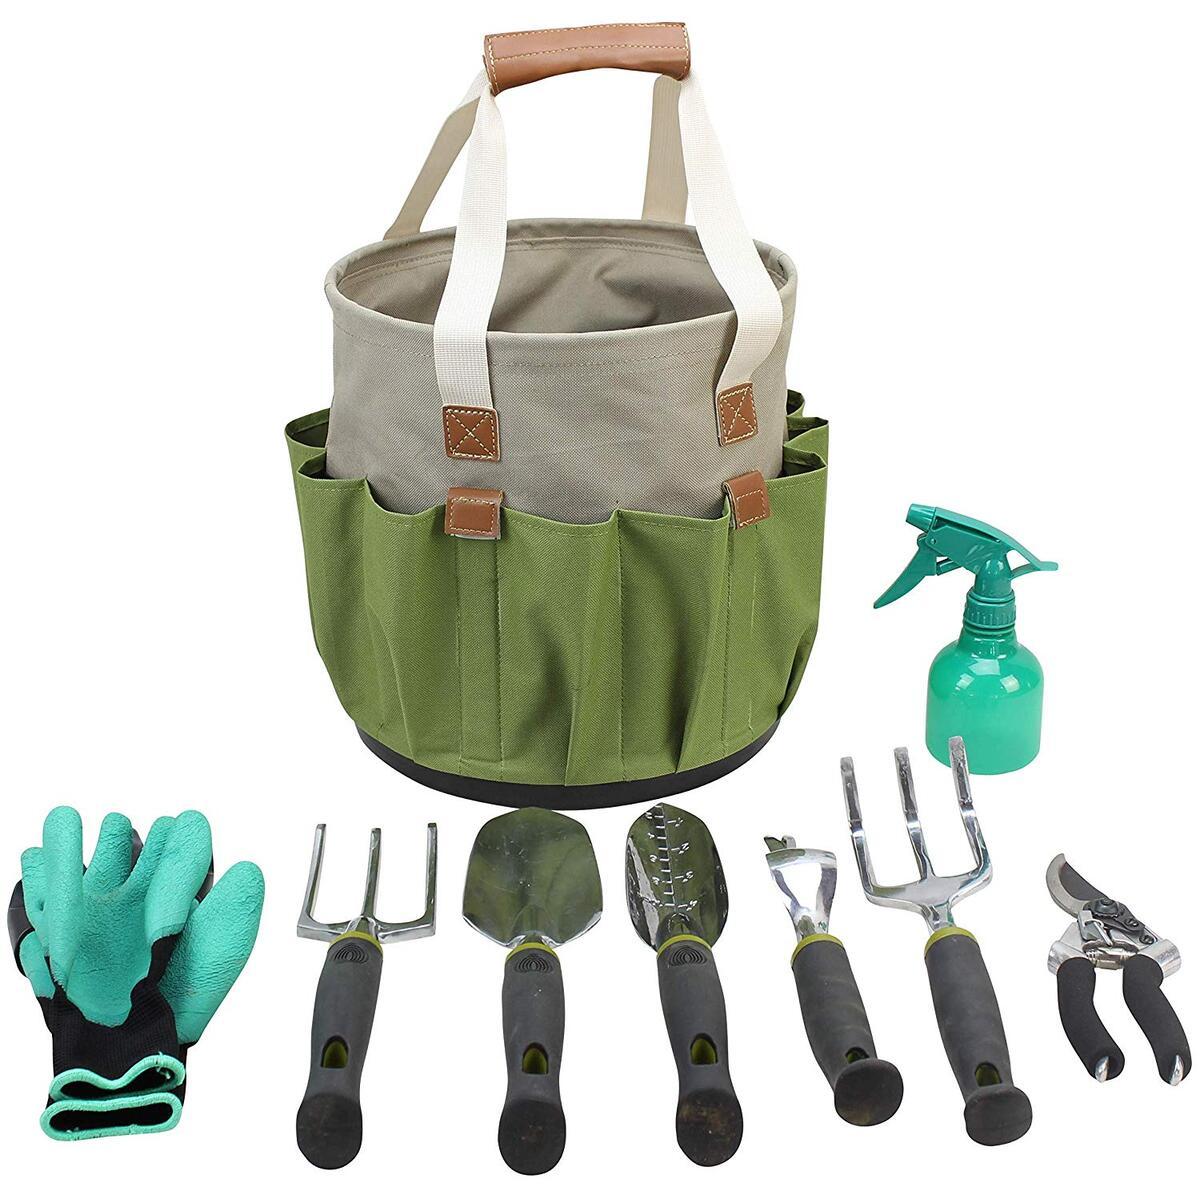 Garden Tools Set | Gardening Gifts | Gardening Tools Set | 9 Piece Garden Tool Set | Digging Claw Gardening Gloves Succulent Tool Set | Planting Tools | Gardening Supplies Basket | Rake Gloves …